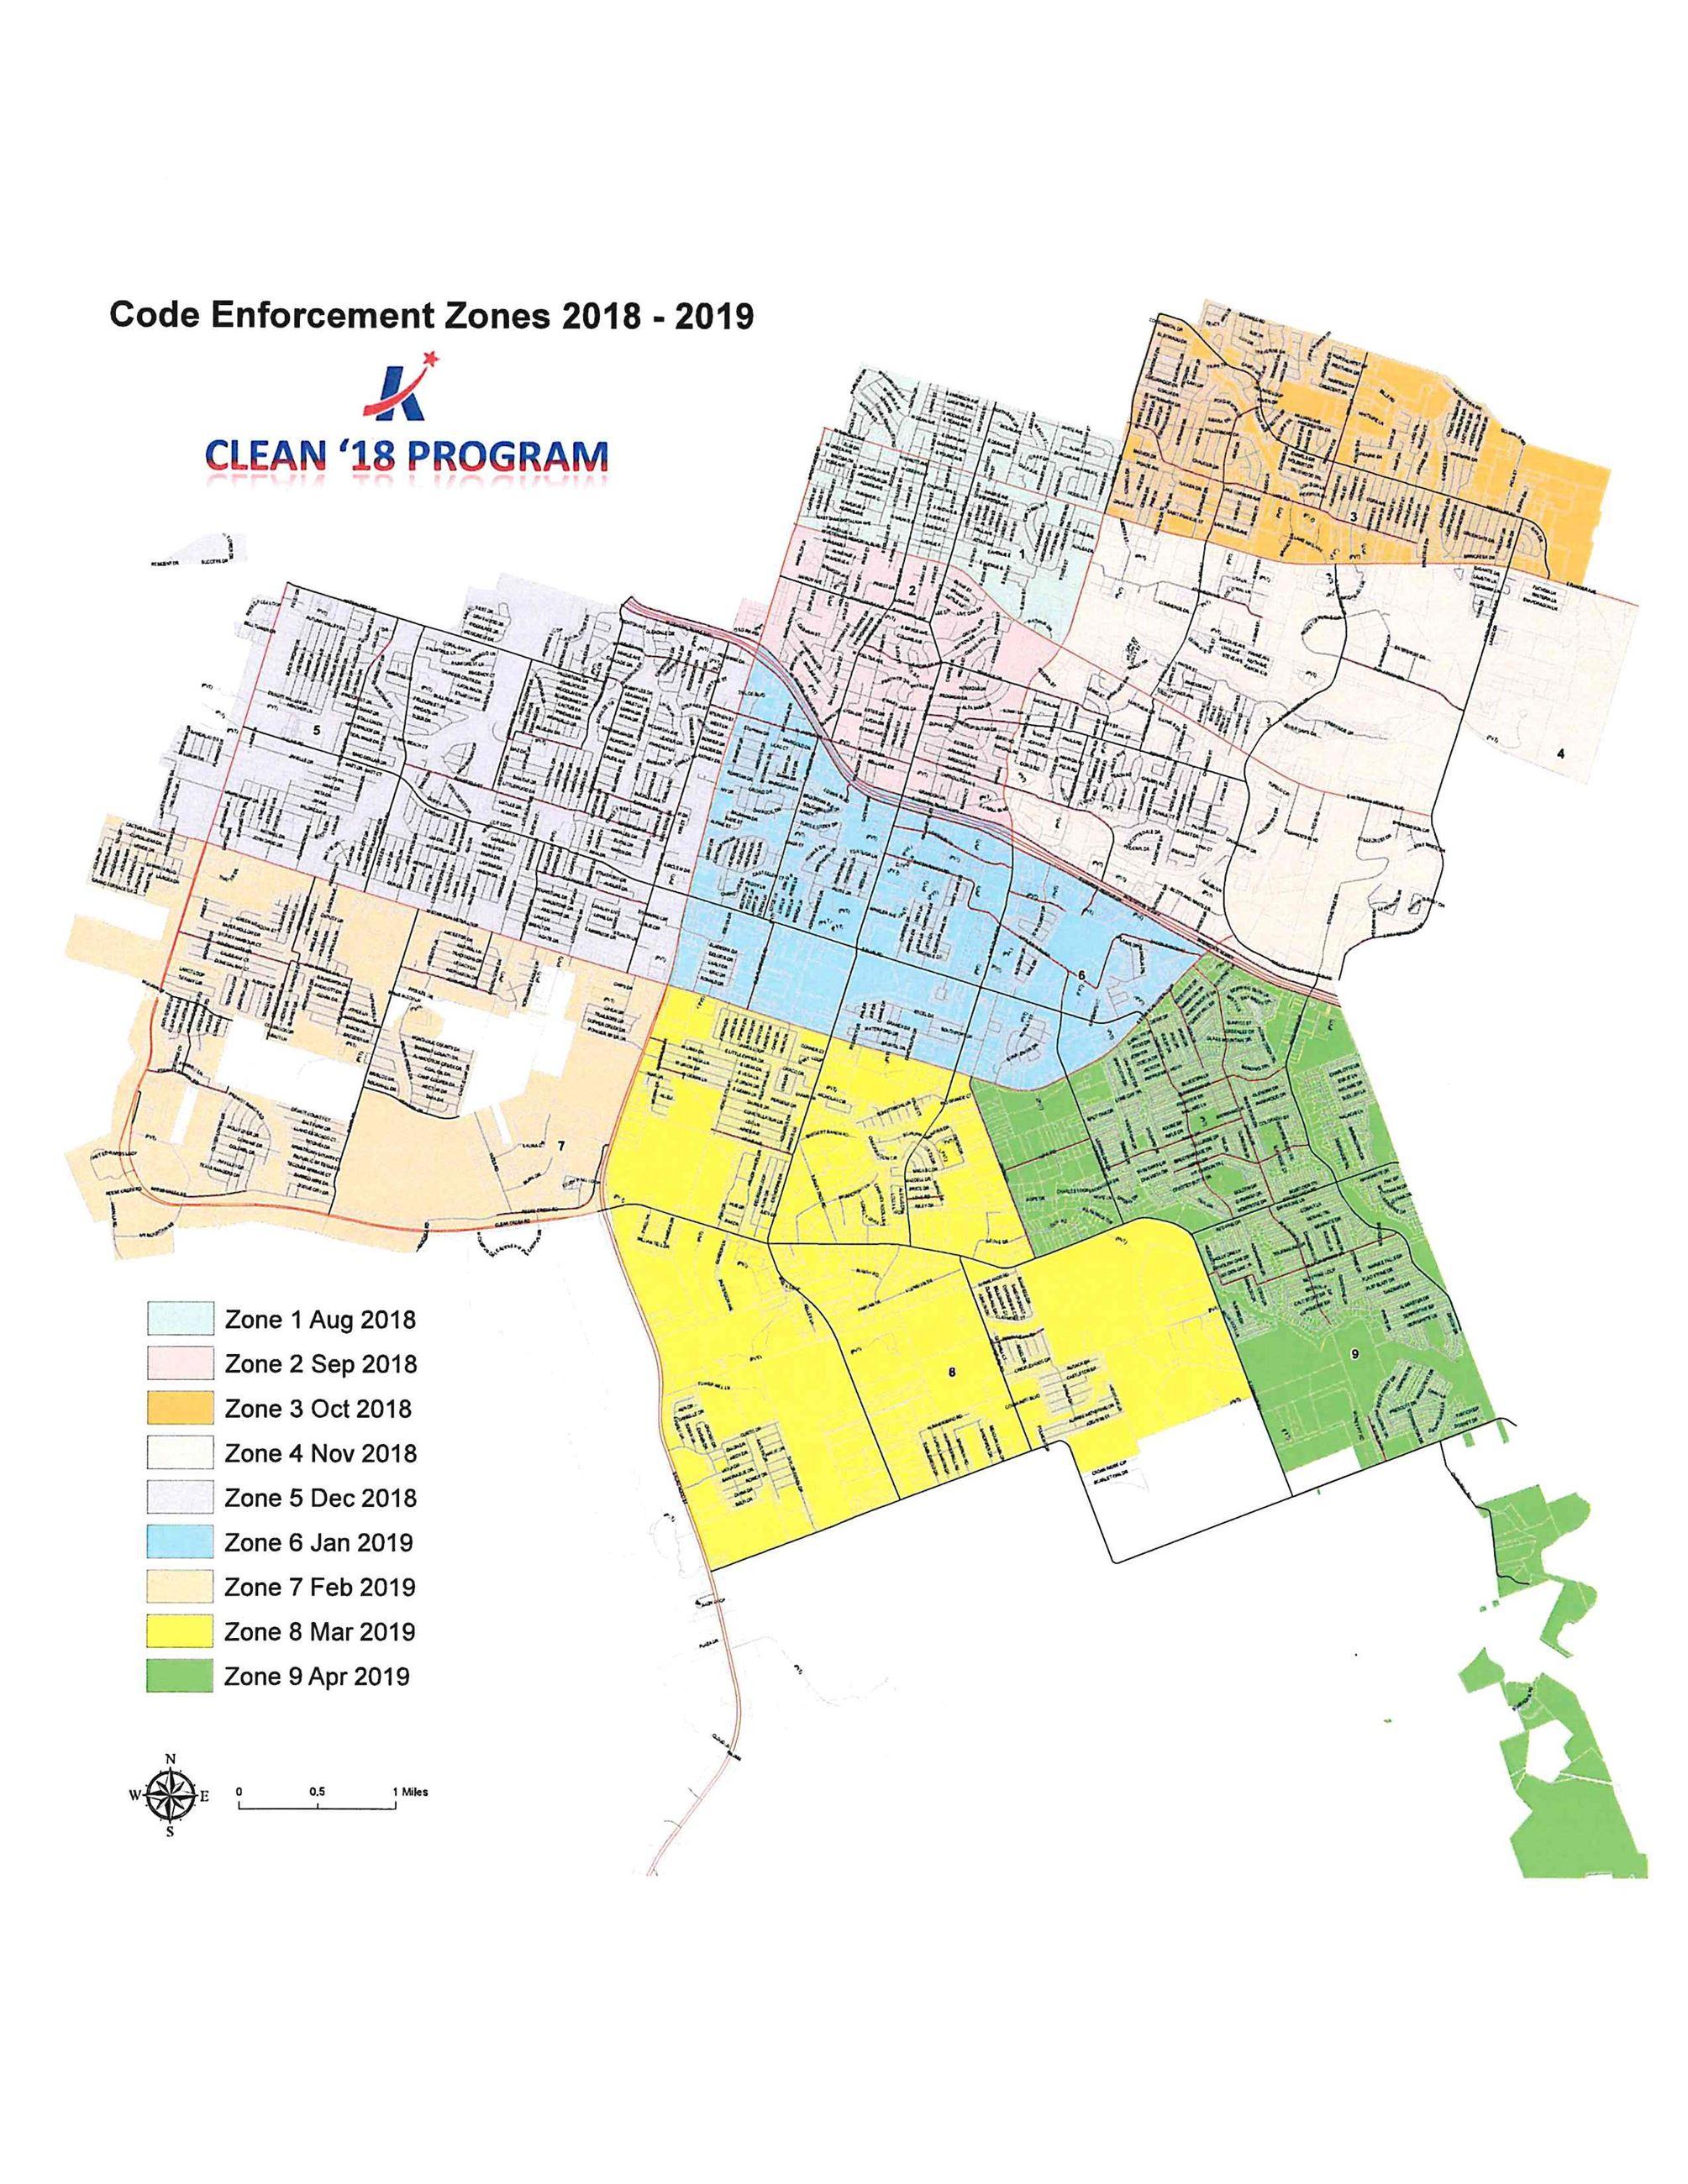 Code Enforcement Killeen Tx Go Kart Off Road Lights Wiring Diagram Zones